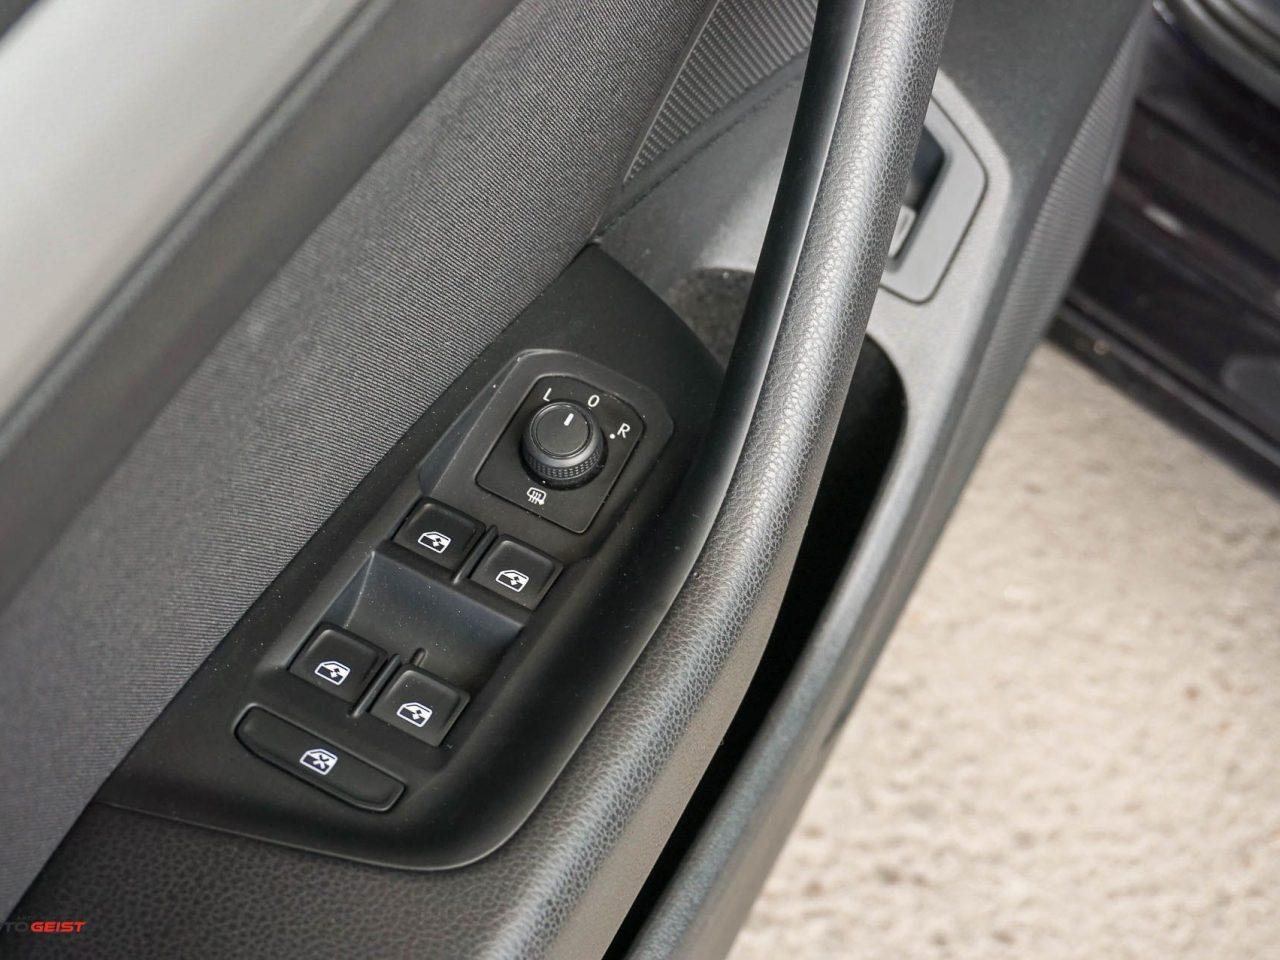 volkswagen-passat-automat-00550